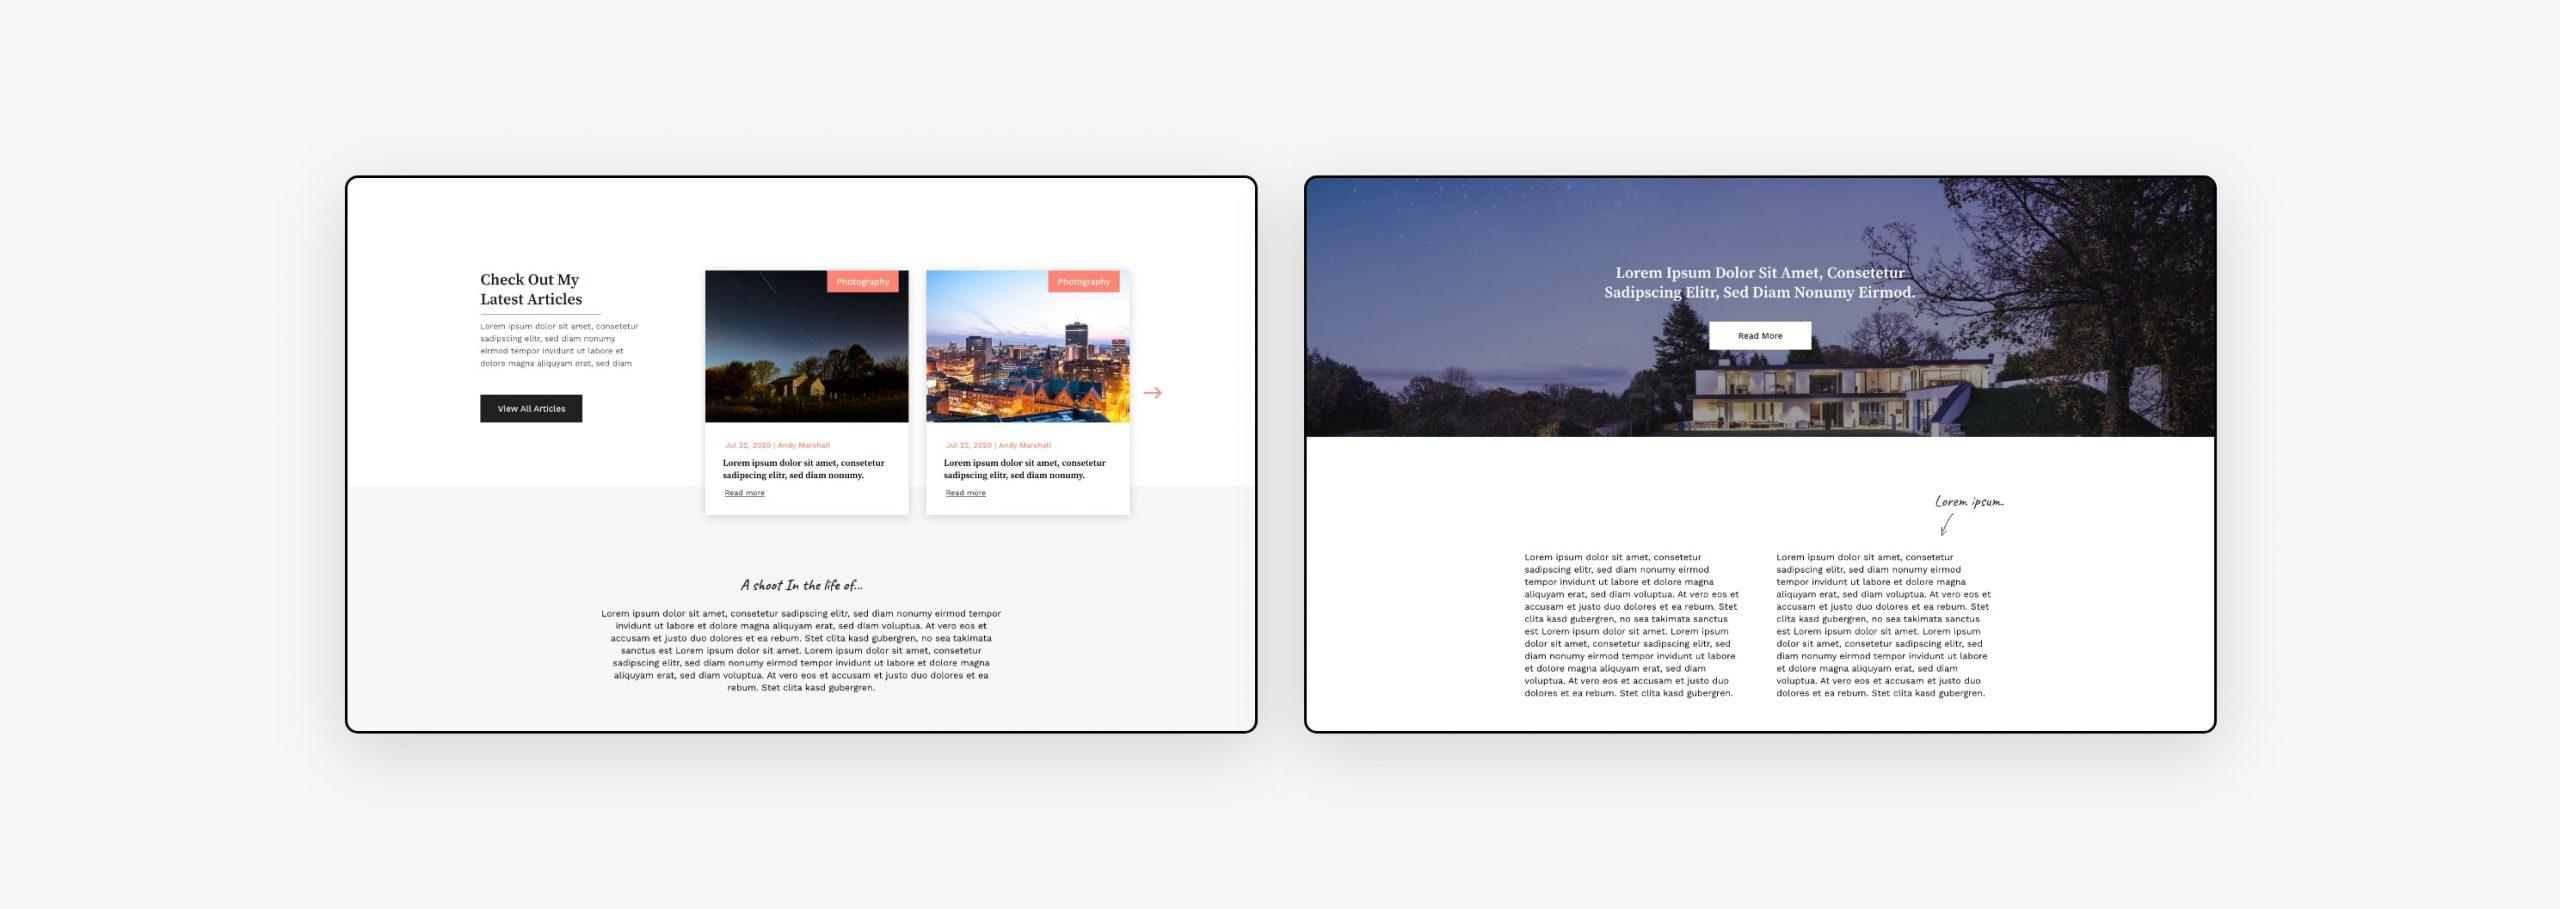 Web Design - SC